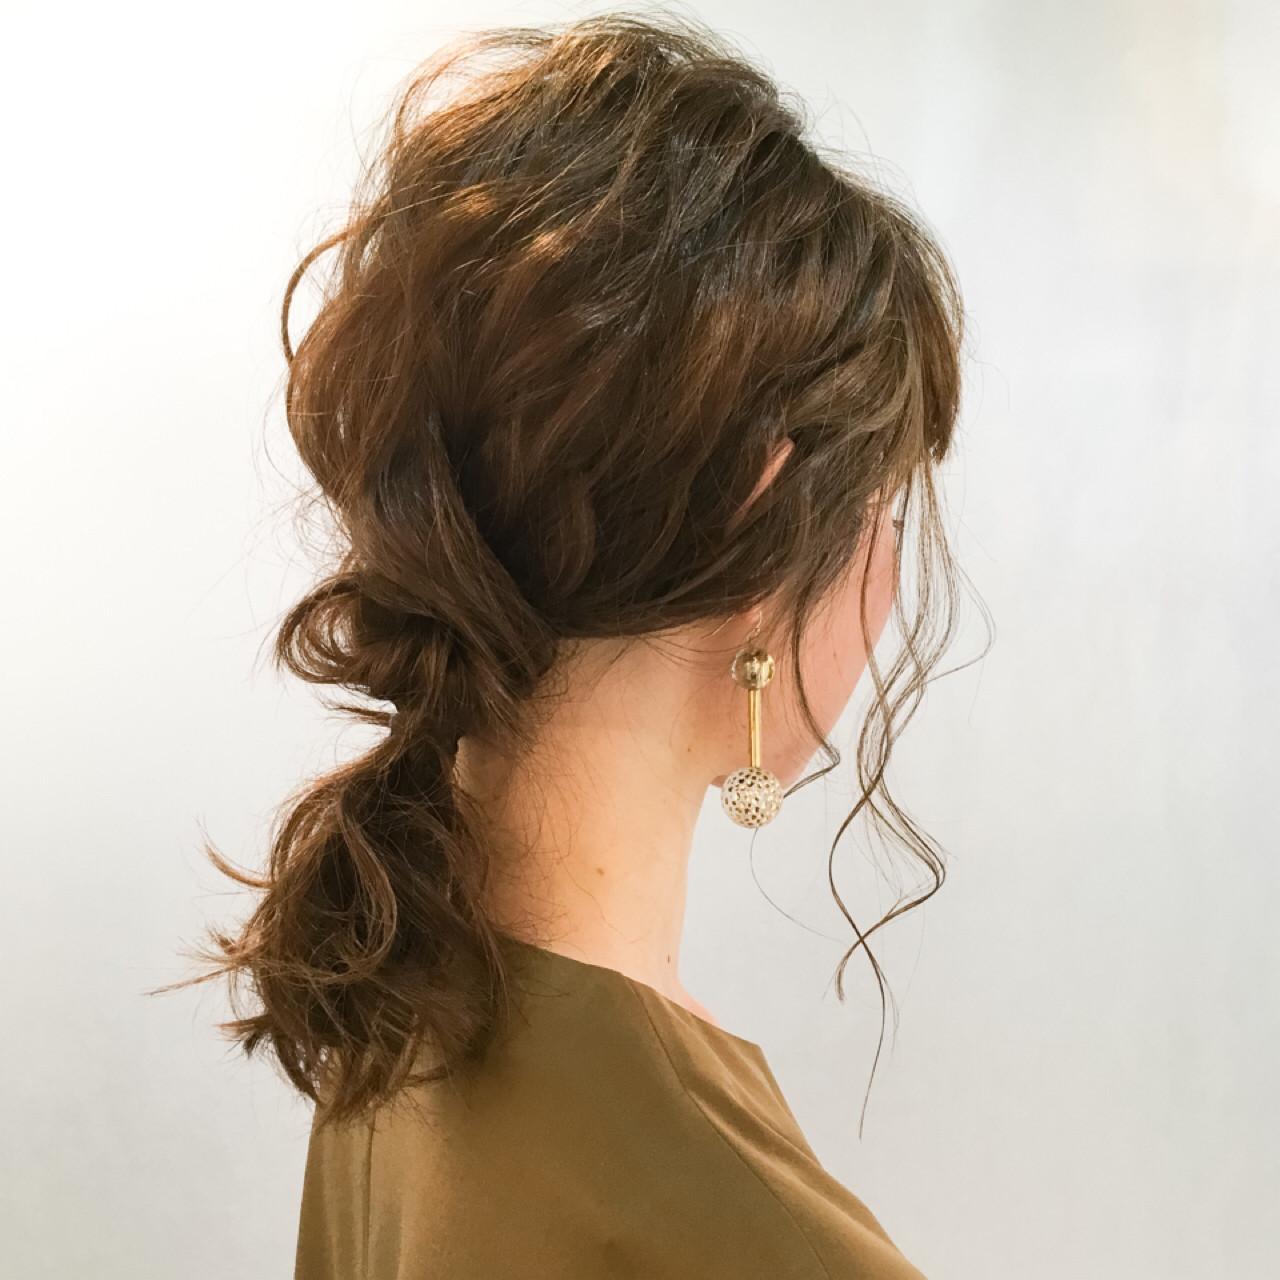 ハーフアップ ミディアム 簡単ヘアアレンジ 外国人風 ヘアスタイルや髪型の写真・画像 | 西川 賢一 blast / blast